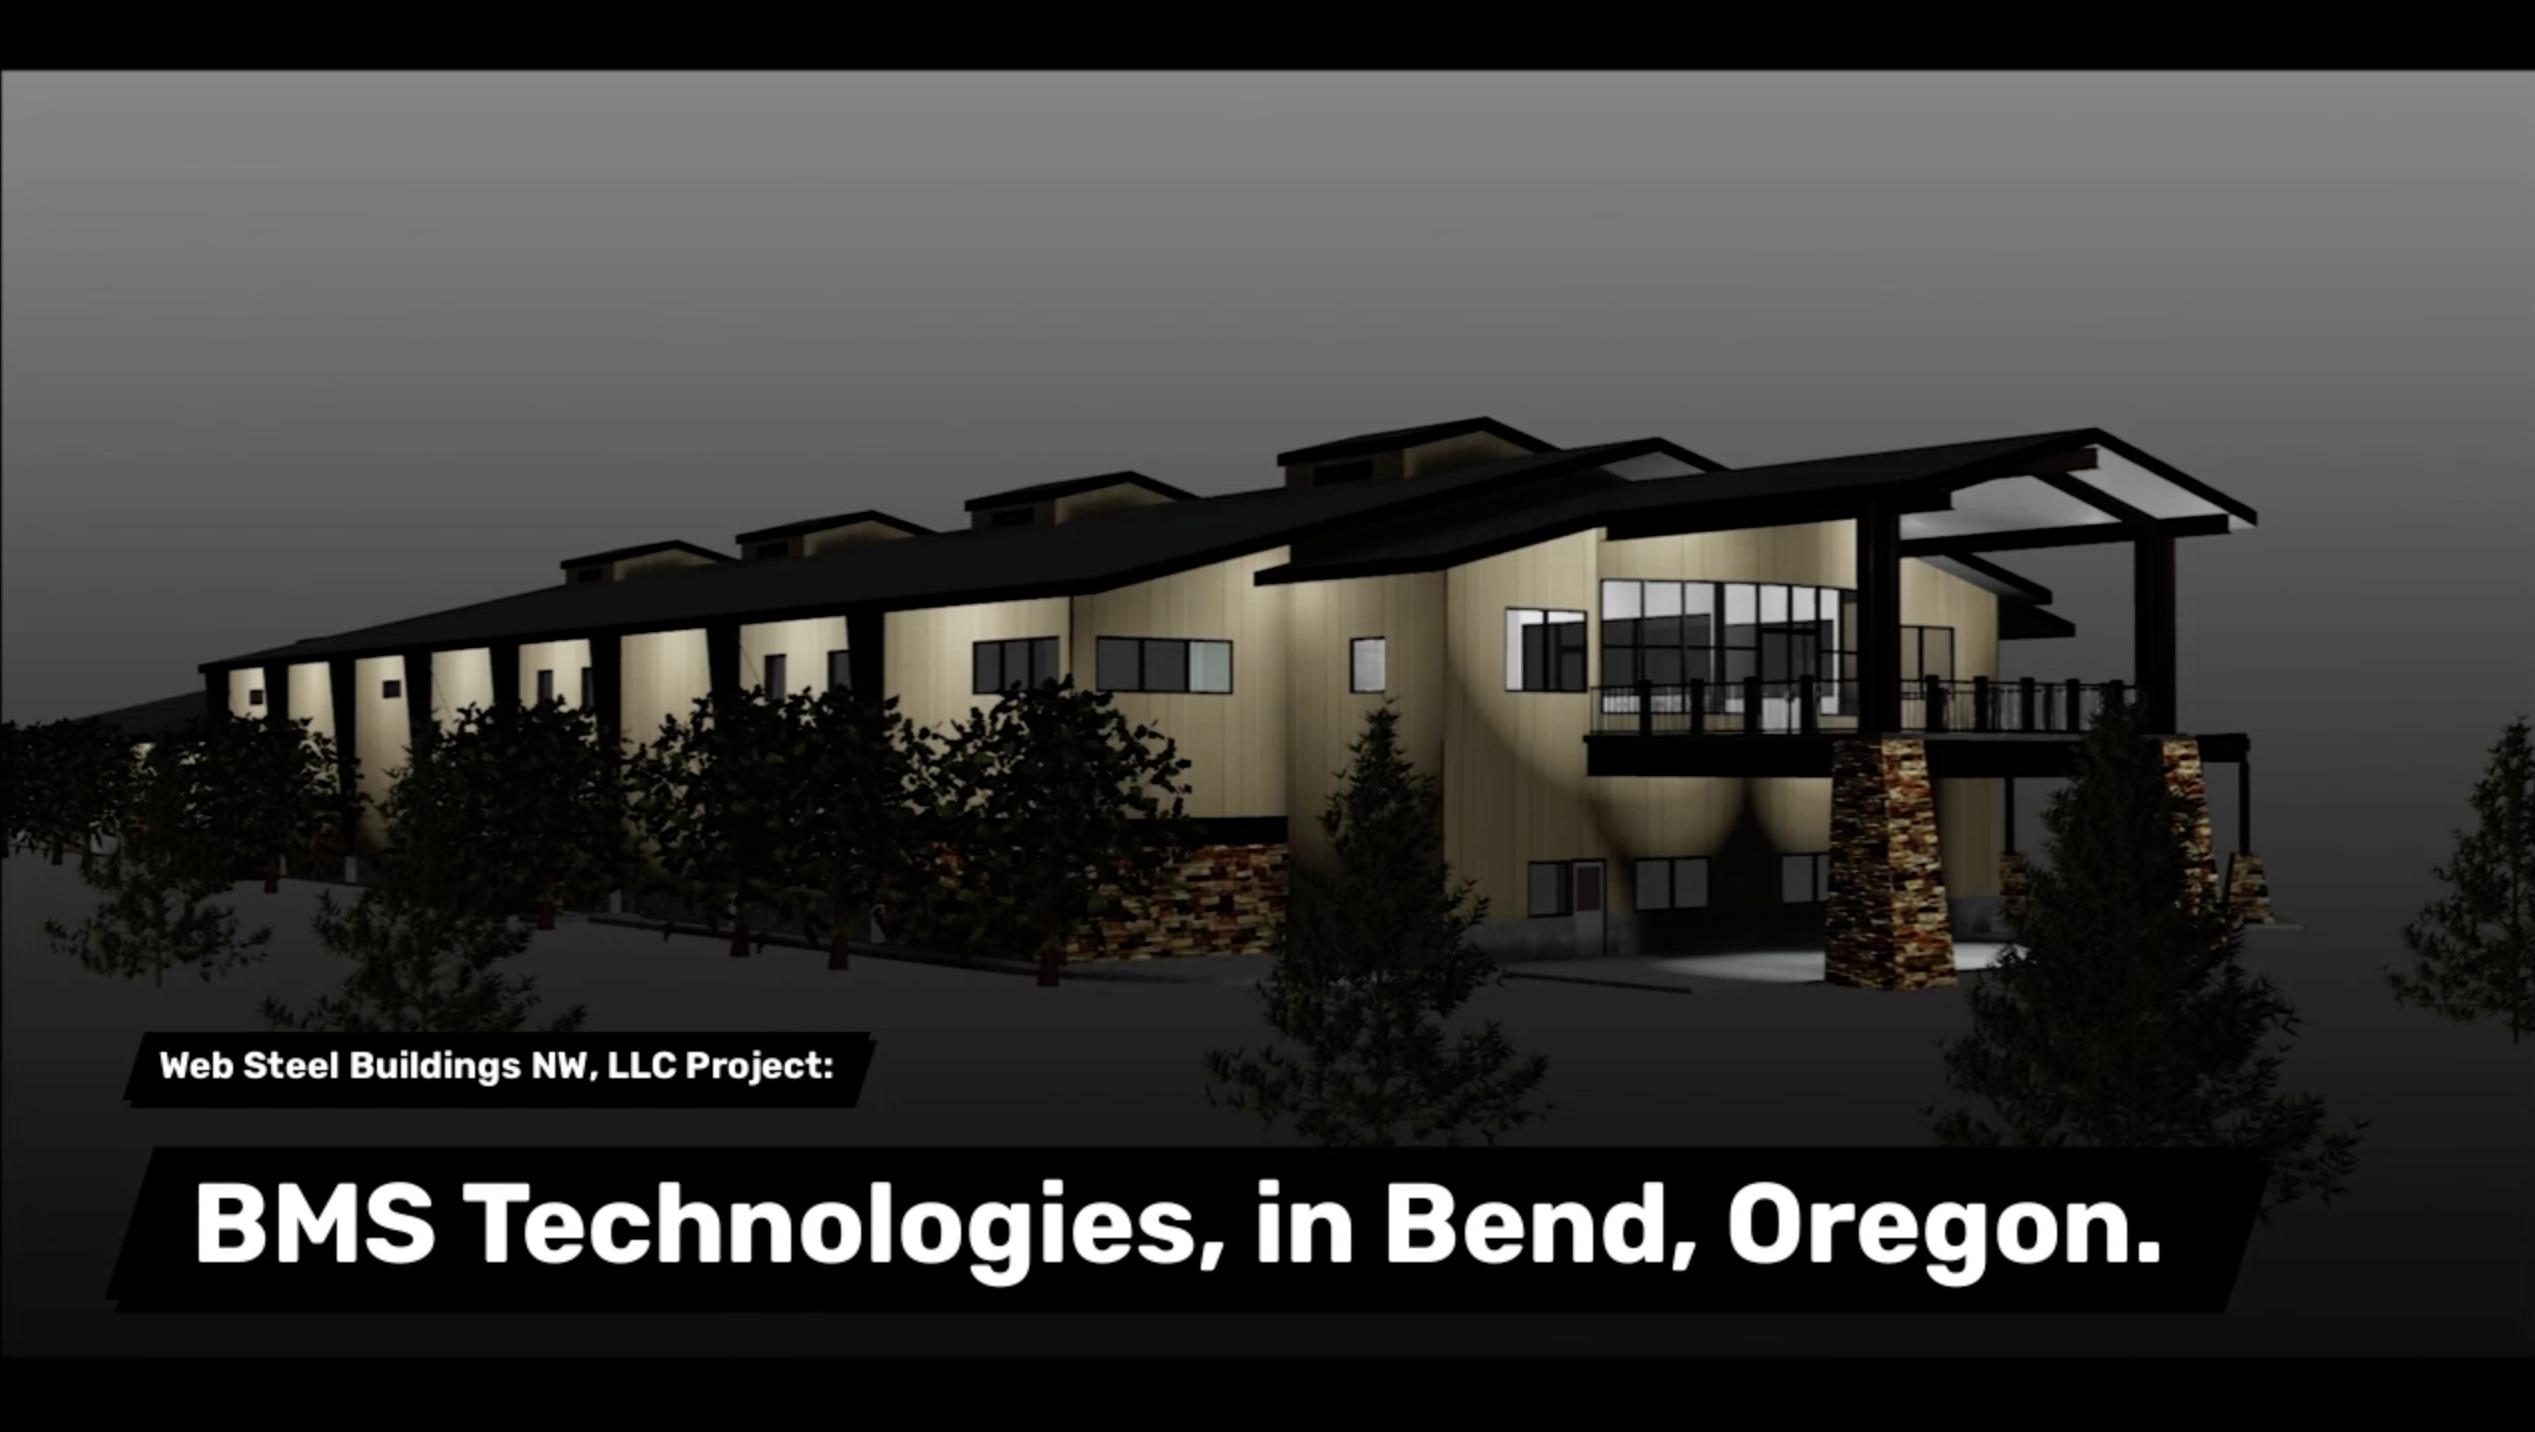 BMS Technologies in Bend, Oregon